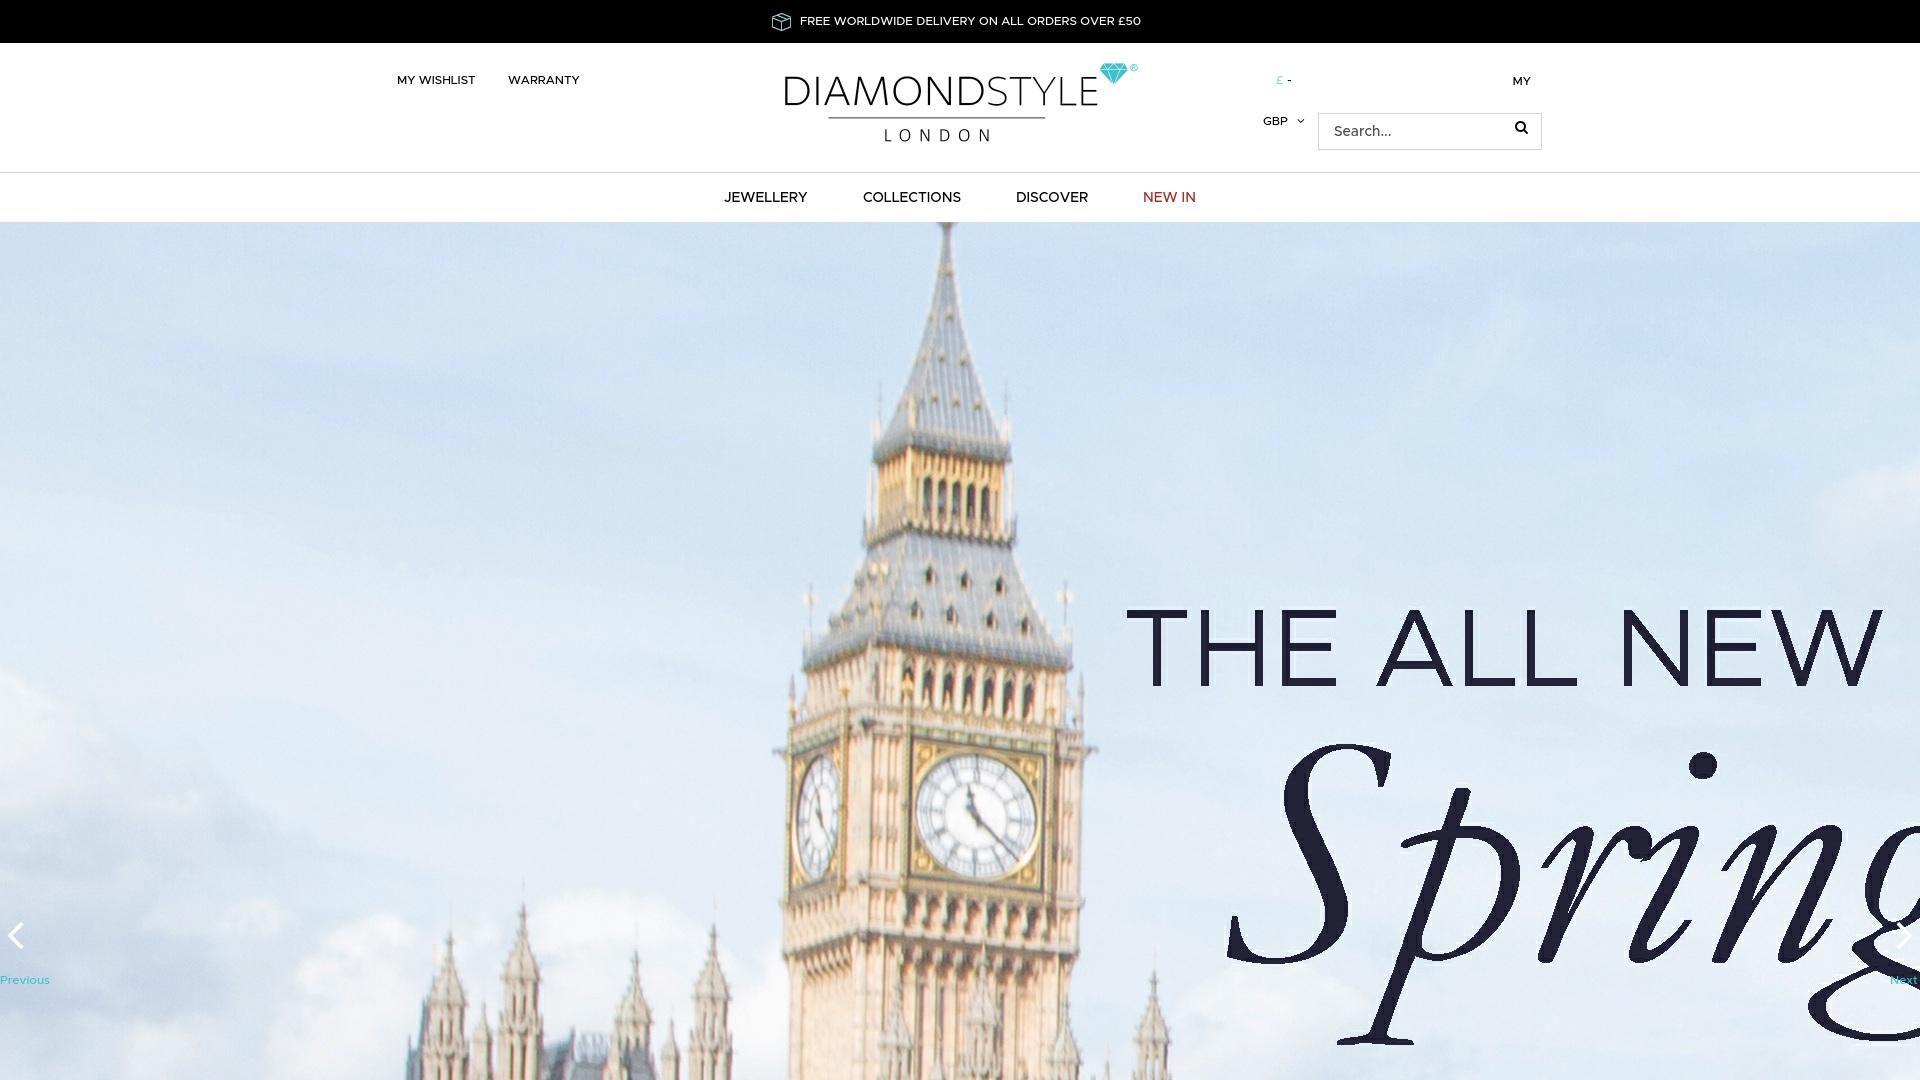 Gutschein für Diamond-style: Rabatte für  Diamond-style sichern